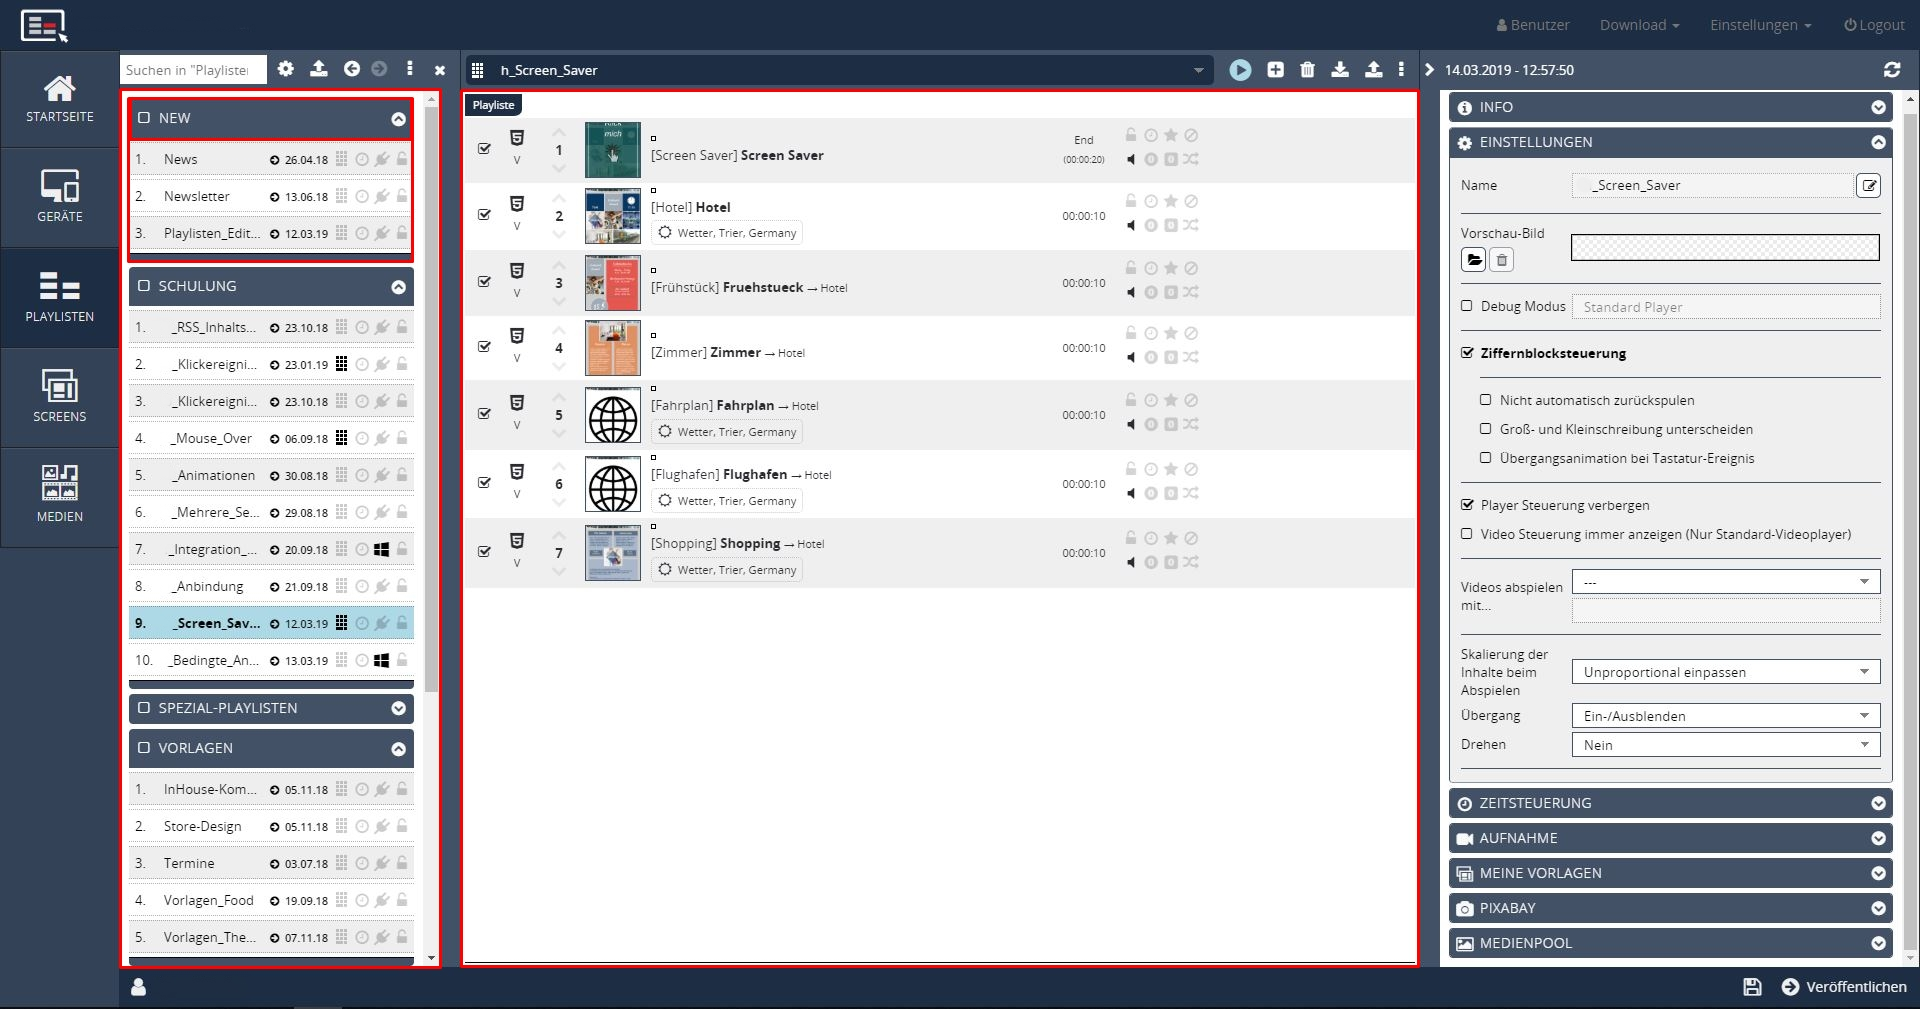 digital signage Playlistenverwaltung markiert